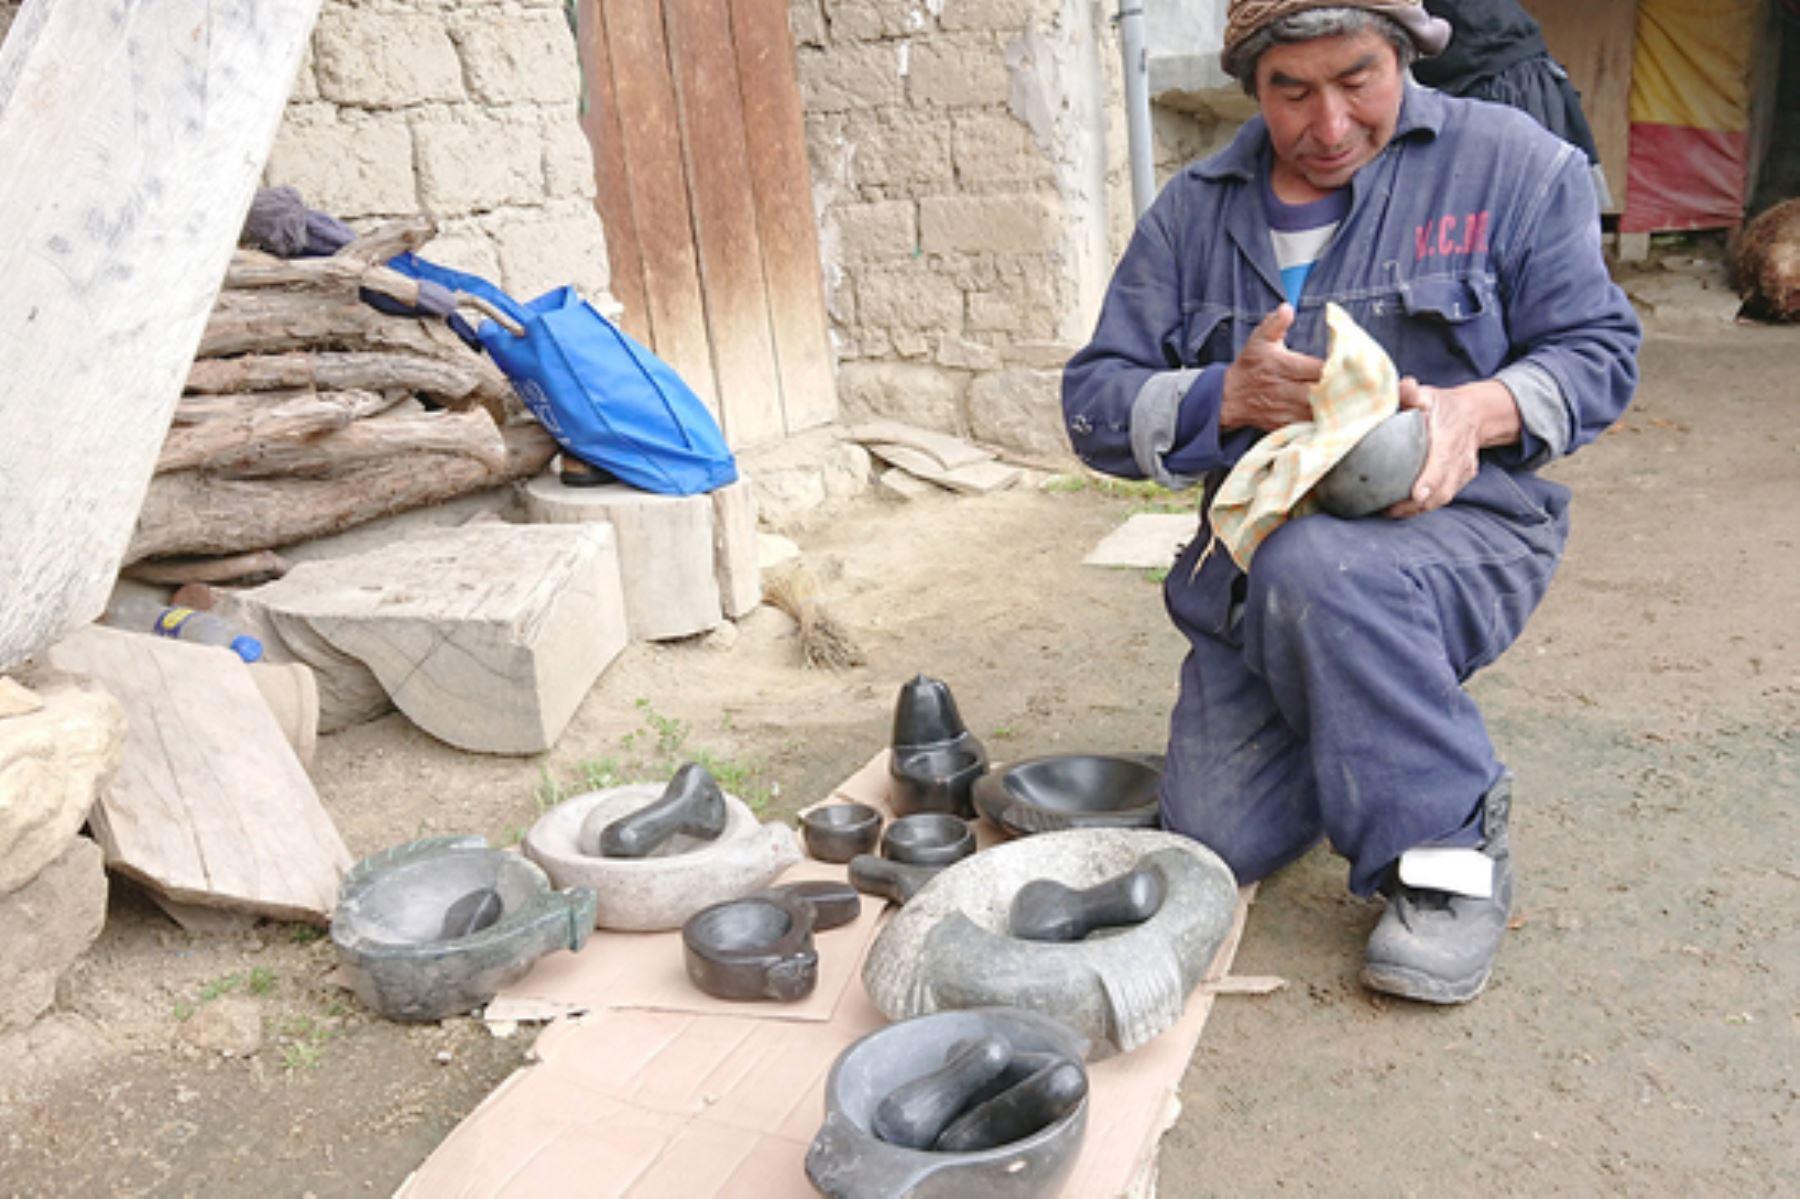 """Don Luciano Cárdenas es natural del centro poblado de Ccaccasiri, de Acoria, en Huancavelica, y desde niño talla piedras. La que trabaja es conocida como """"alaymosca"""" o viuda negra, muy resistente a los golpes a los que se exponen los morteros. ANDINA/ Gobierno Regional de Huancavelica"""